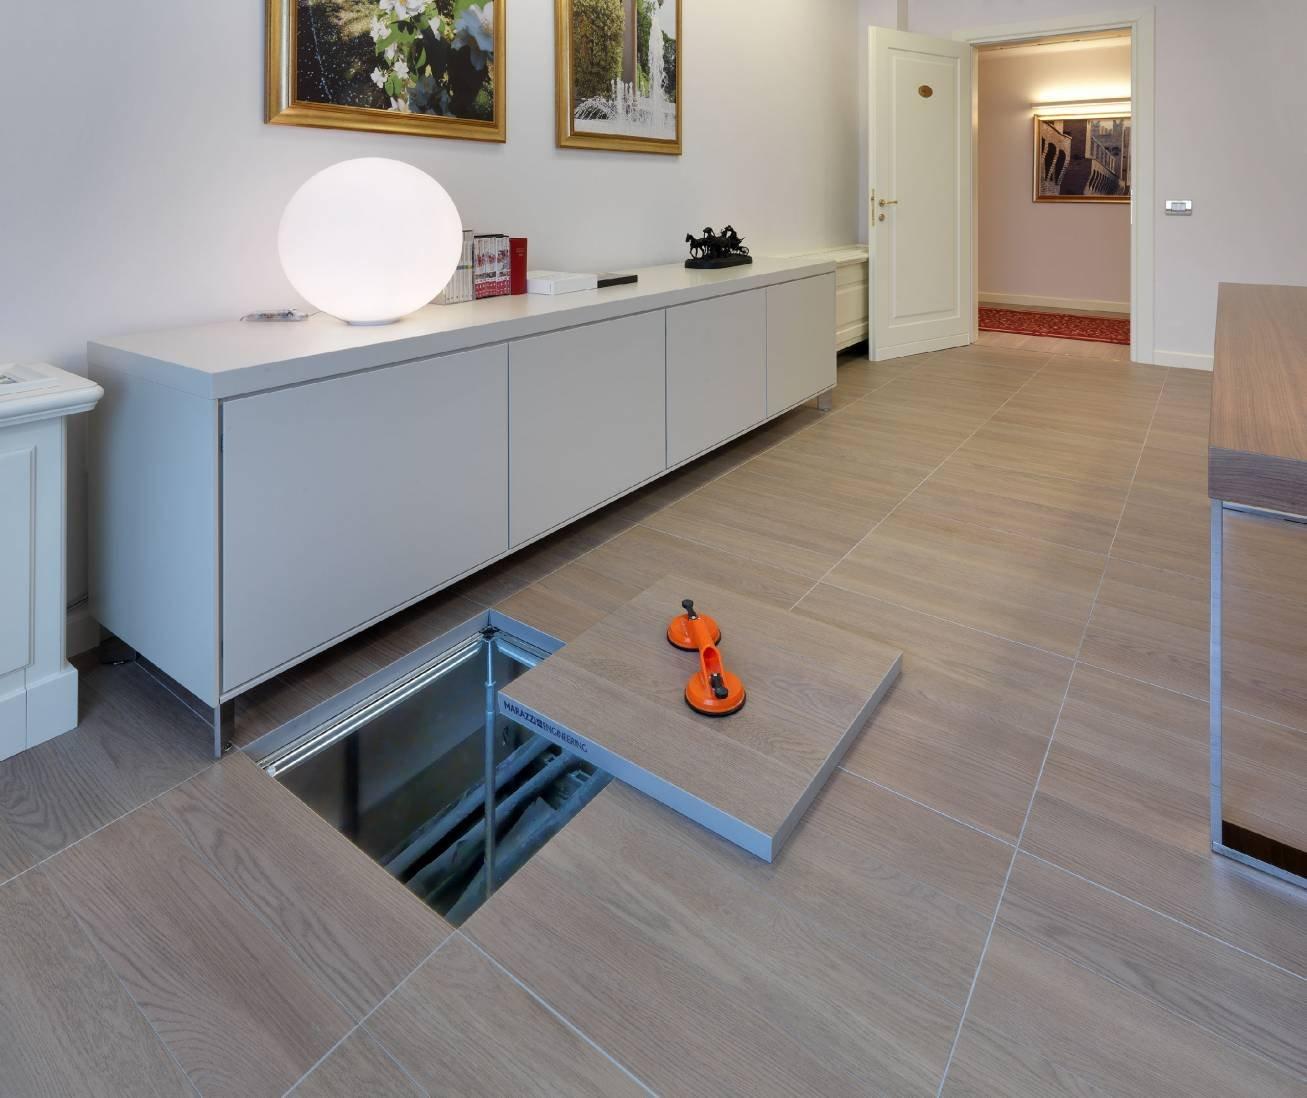 Pavimenti sopraelevati per interni e per esterno cose di casa - Pavimenti lucidi per interni ...